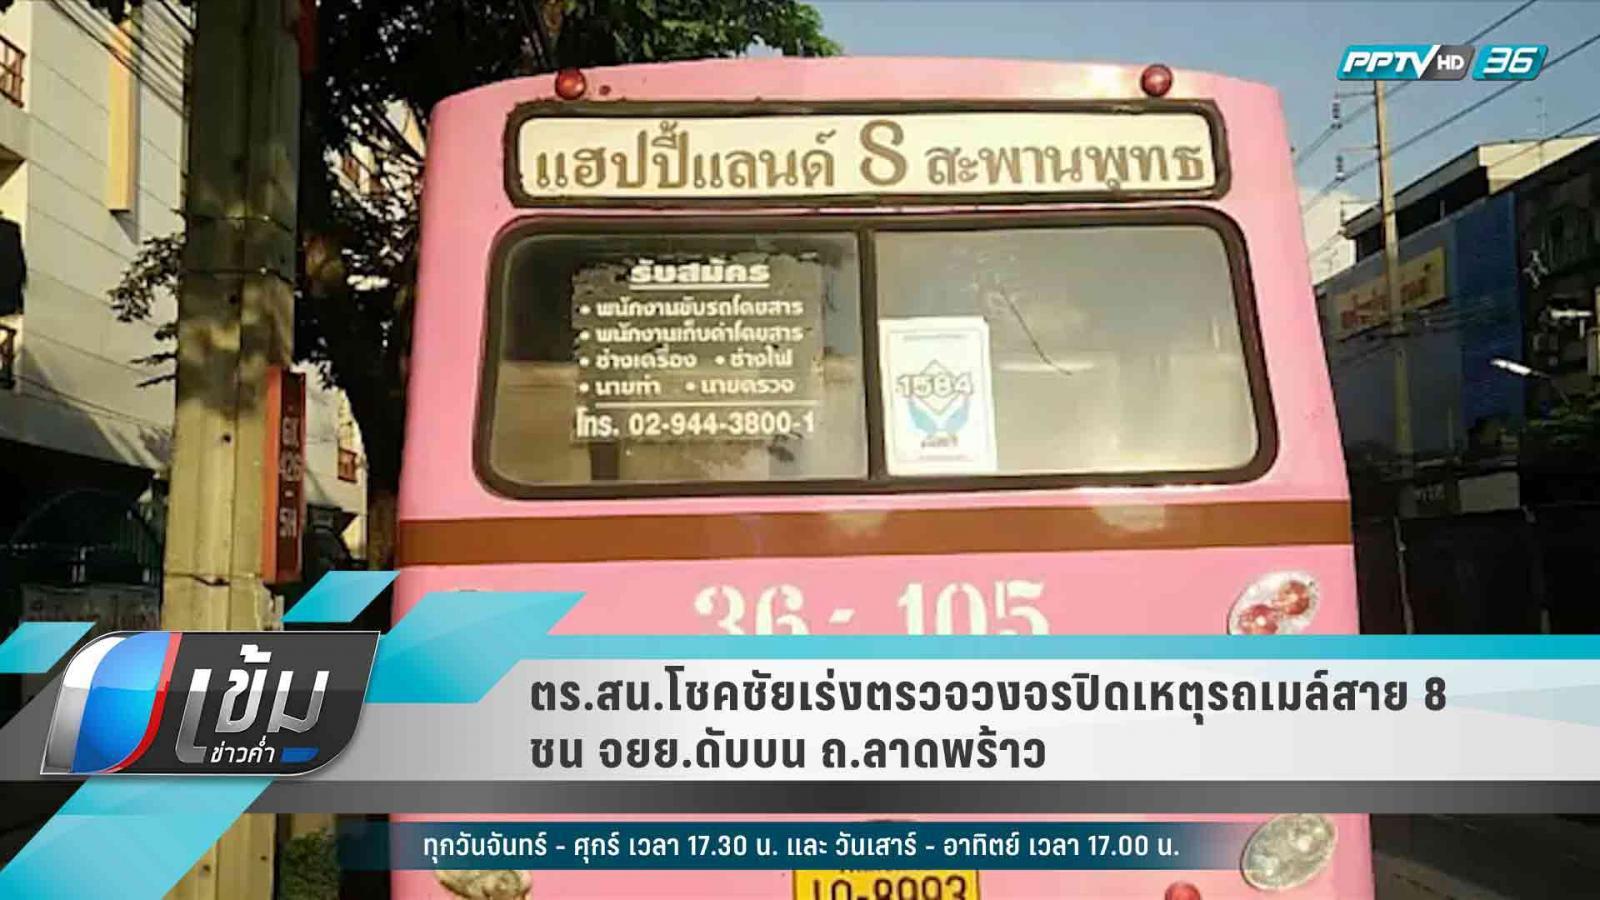 """ตร.เร่งตรวจวงจรปิด เหตุ """"รถเมล์สาย 8 """" ชนจยย.ดับบนถ.ลาดพร้าว"""